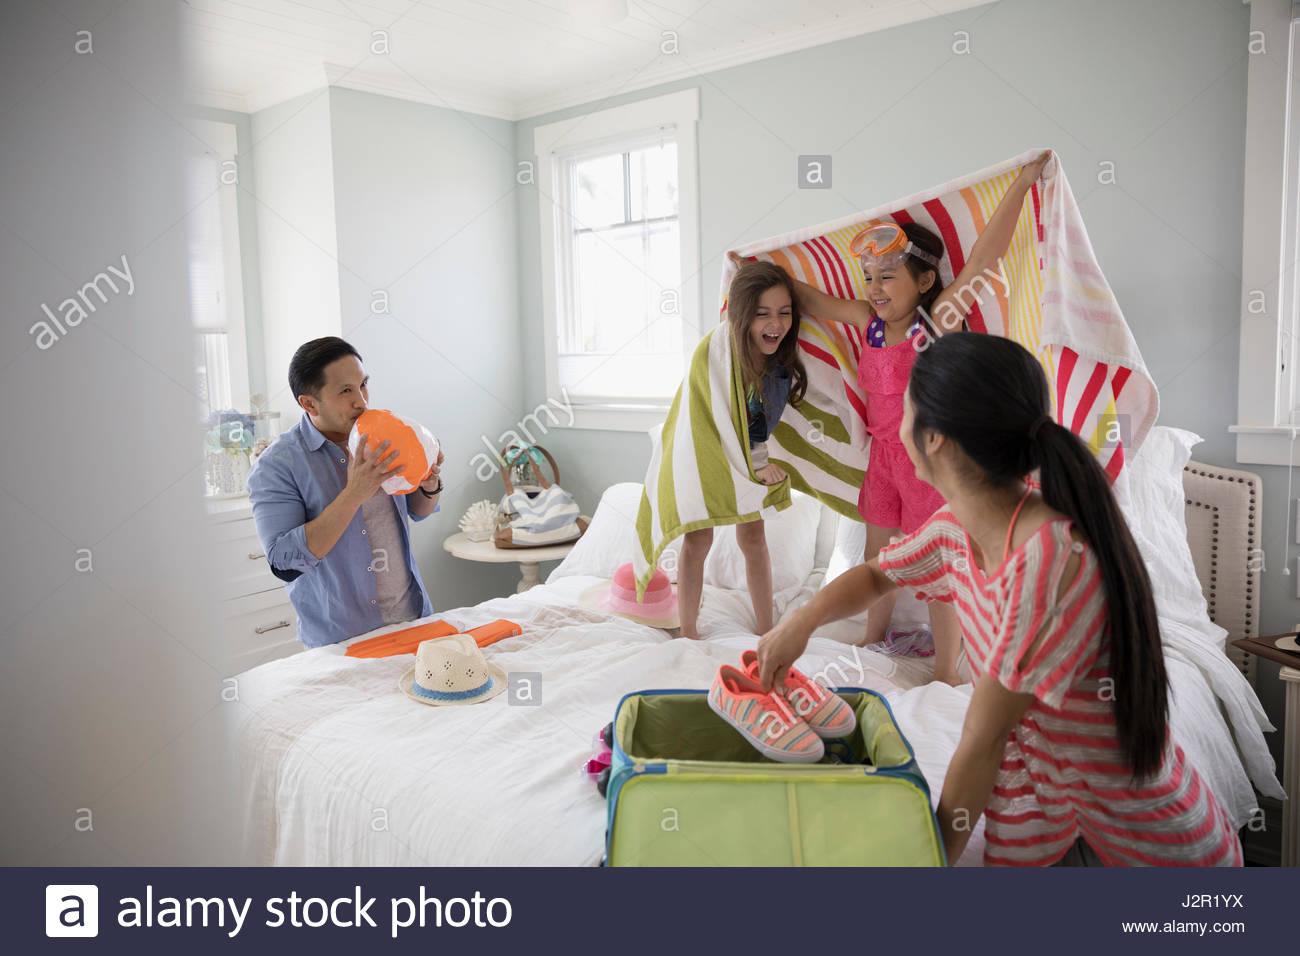 El embalaje para unas vacaciones familiares, jugando en la cama Imagen De Stock